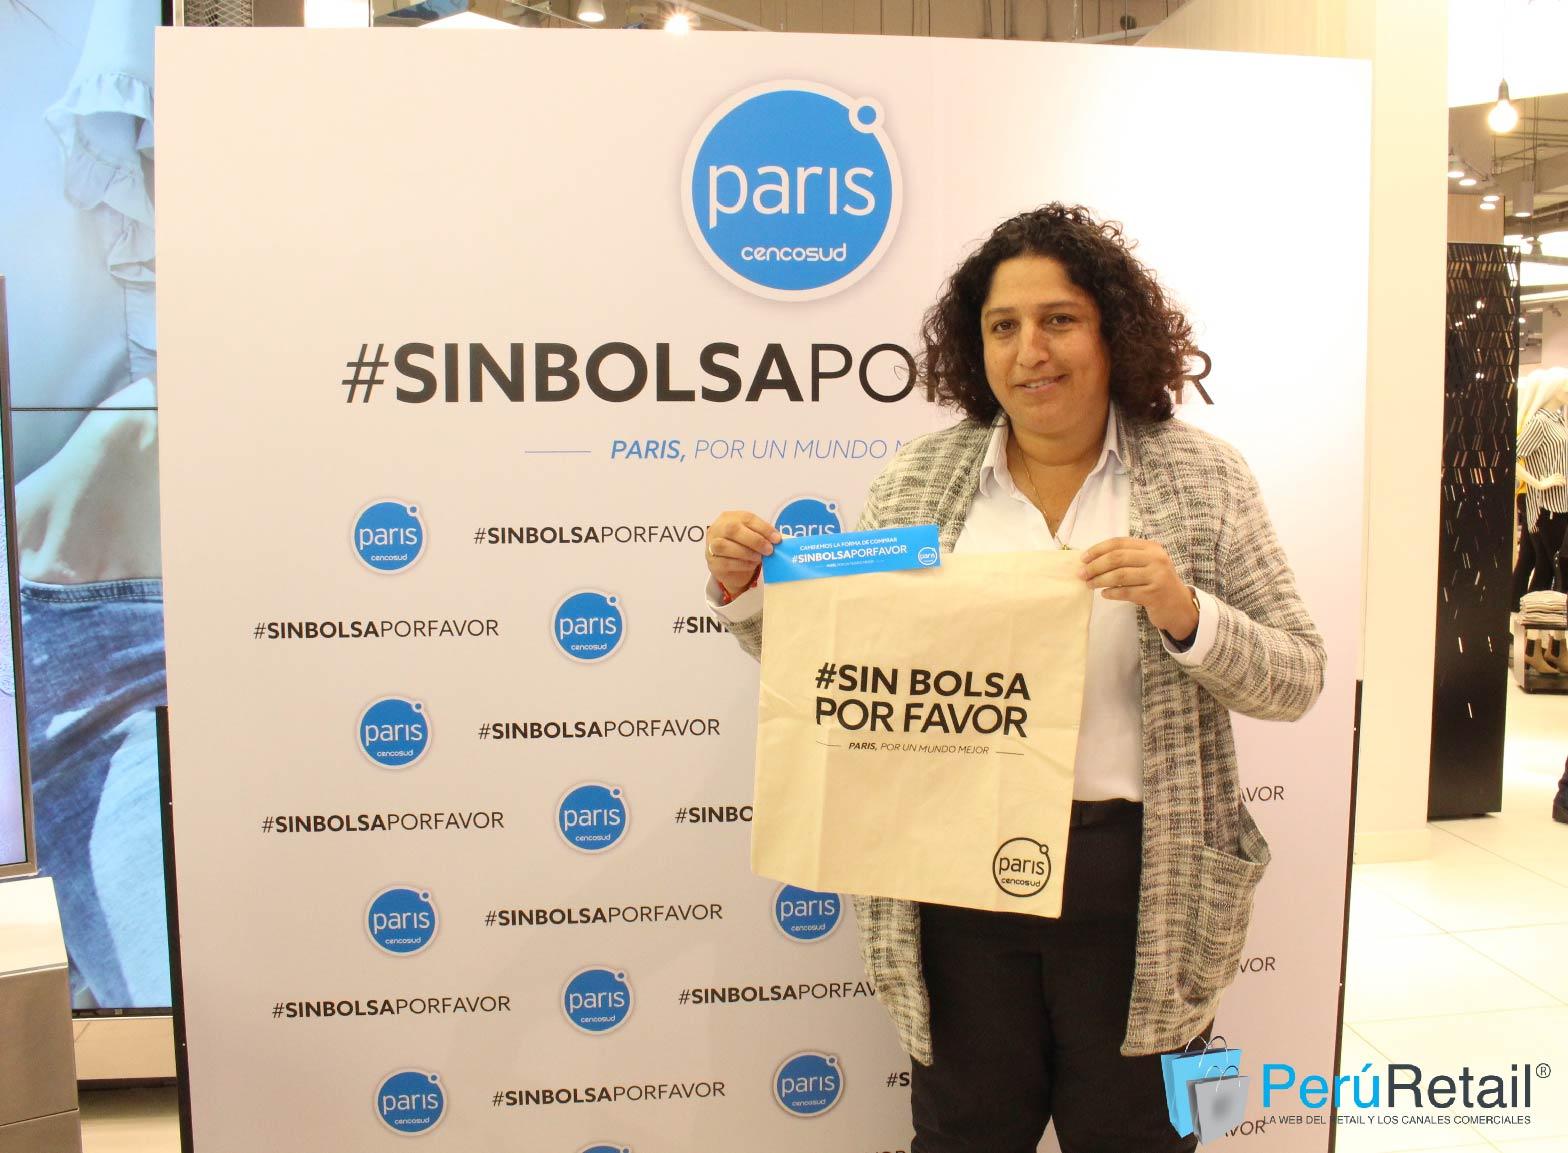 minam - Paris presenta proyecto para reducir en 40% el uso de bolsas plásticas